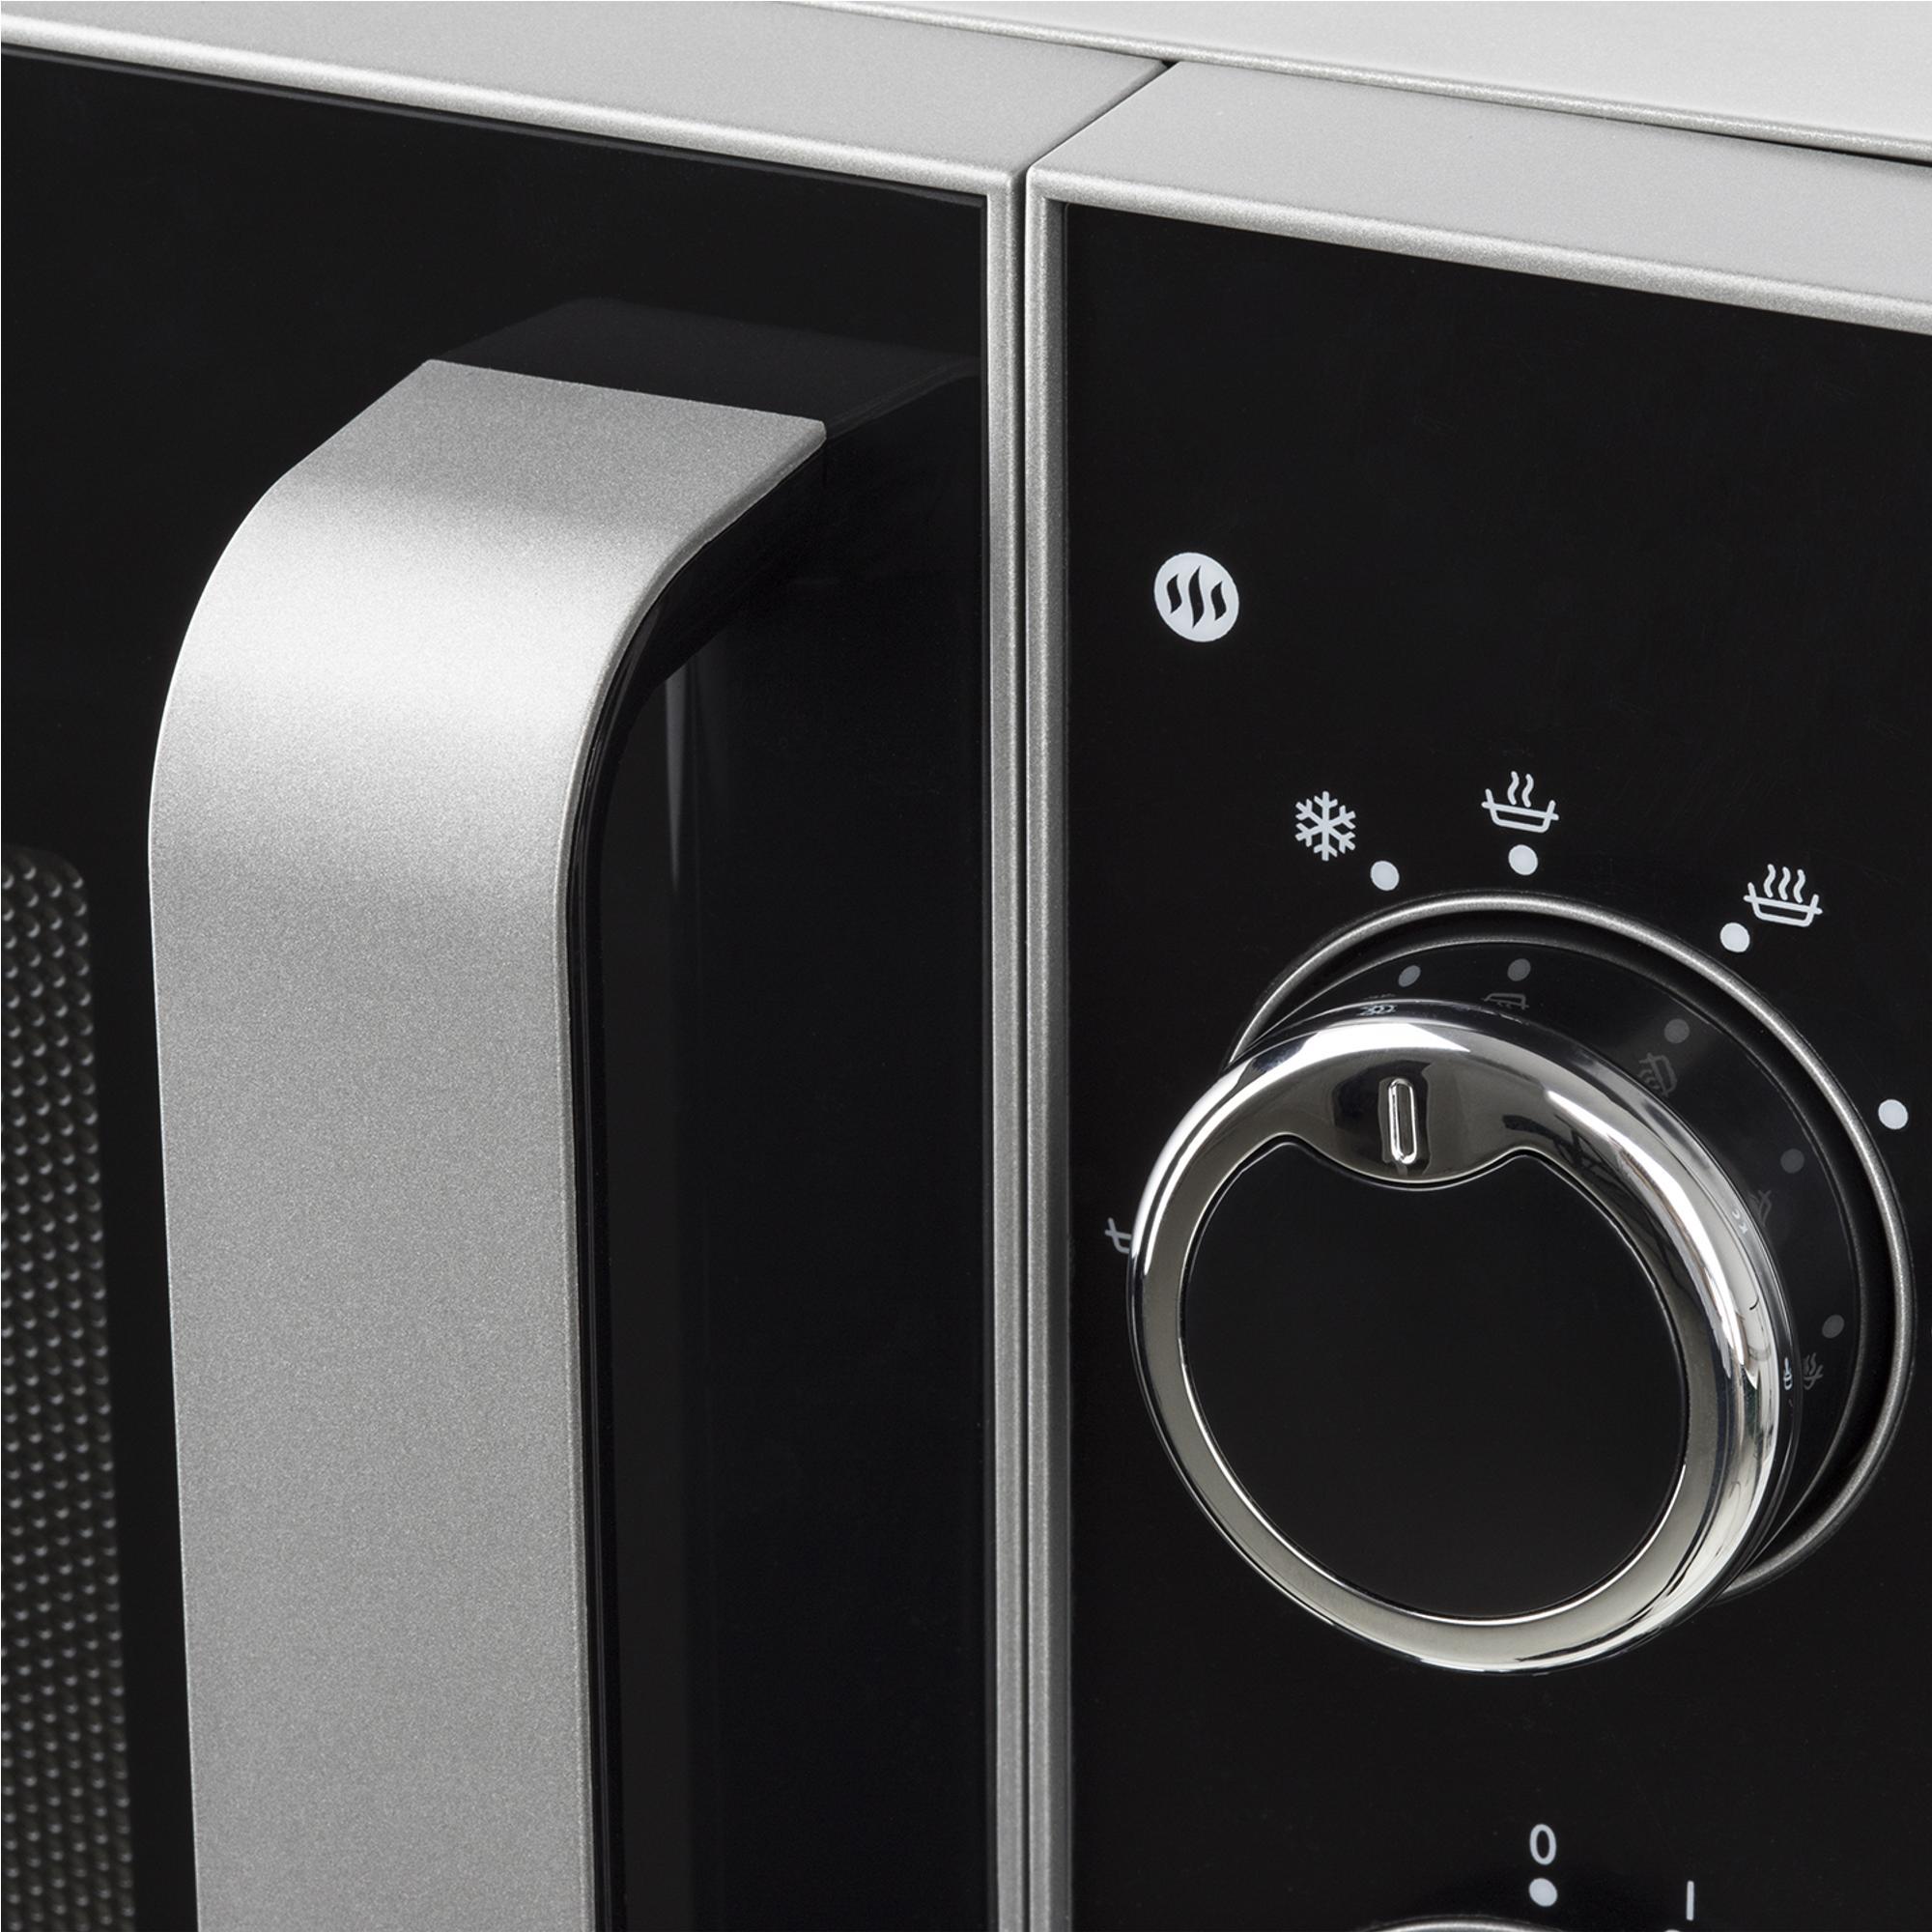 H.Koenig VIO6 Forno Microonde, 20L, 5 livelli di cottura